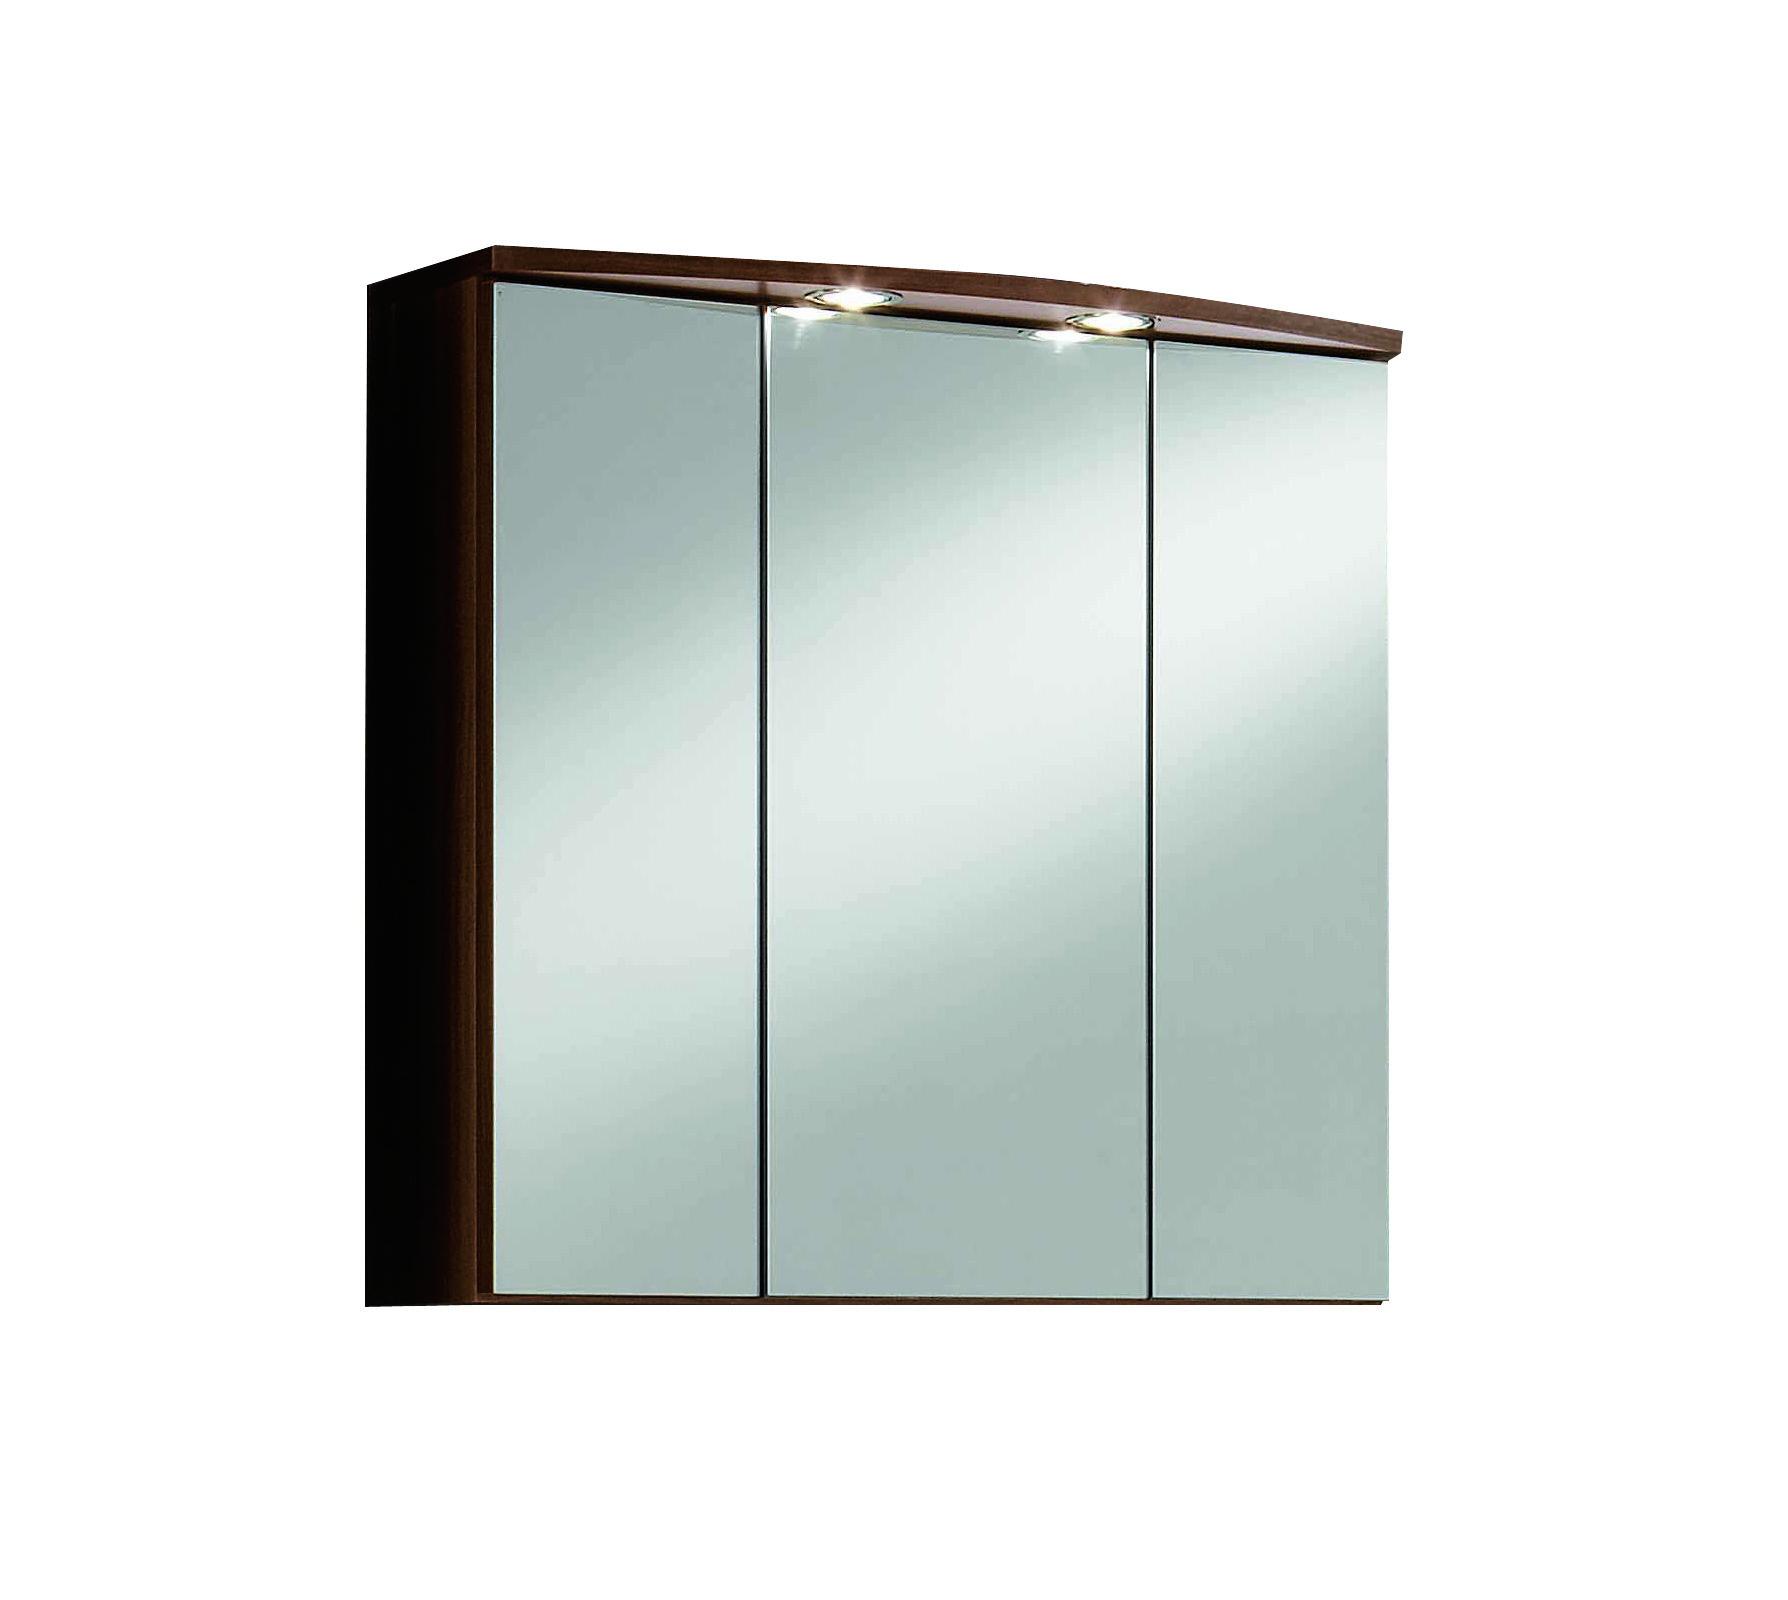 Spiegelkastje Marinello 70cm